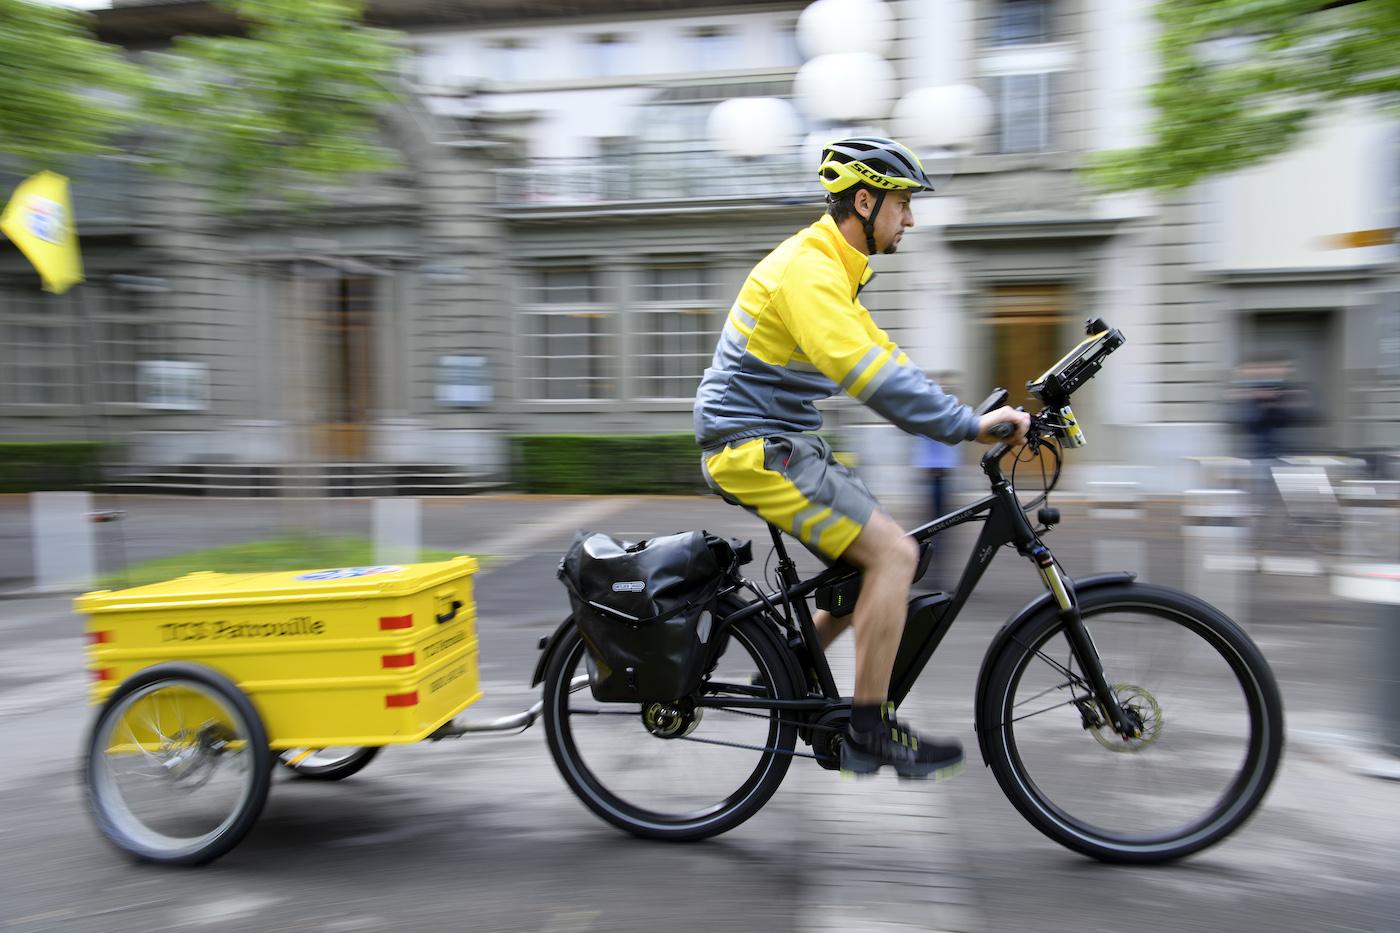 Même le dépannage est assuré par des vélos électriques: un essai pilote réalisé l'année dernière à Zurich et à Genève montre que l'assistance dépannage TCS arrive plus vite sur les lieux à vélo électrique qu'en voiture. (Keystone)